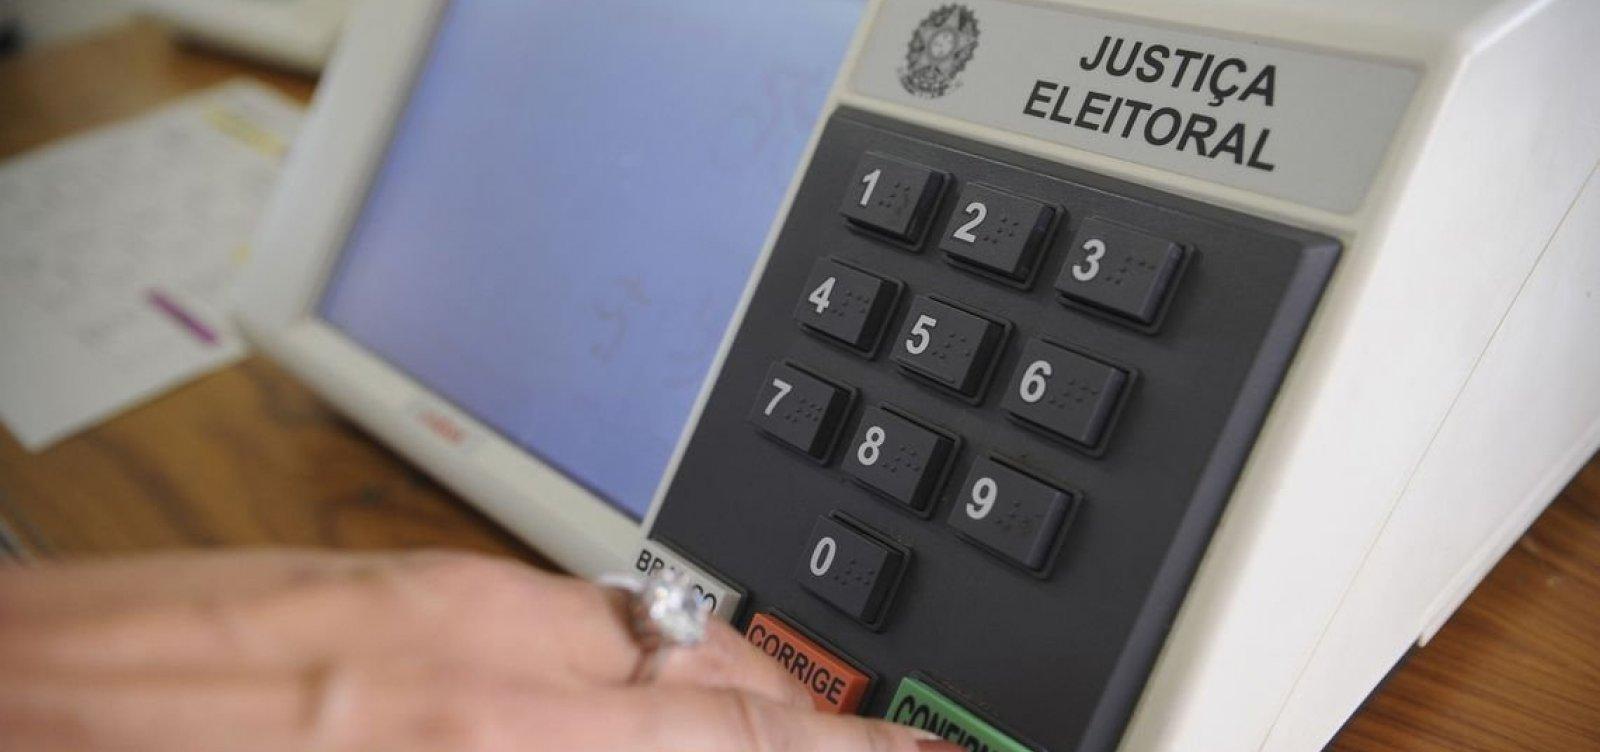 [Testes em urnas eletrônicas encontram falhas mínimas, diz TSE]